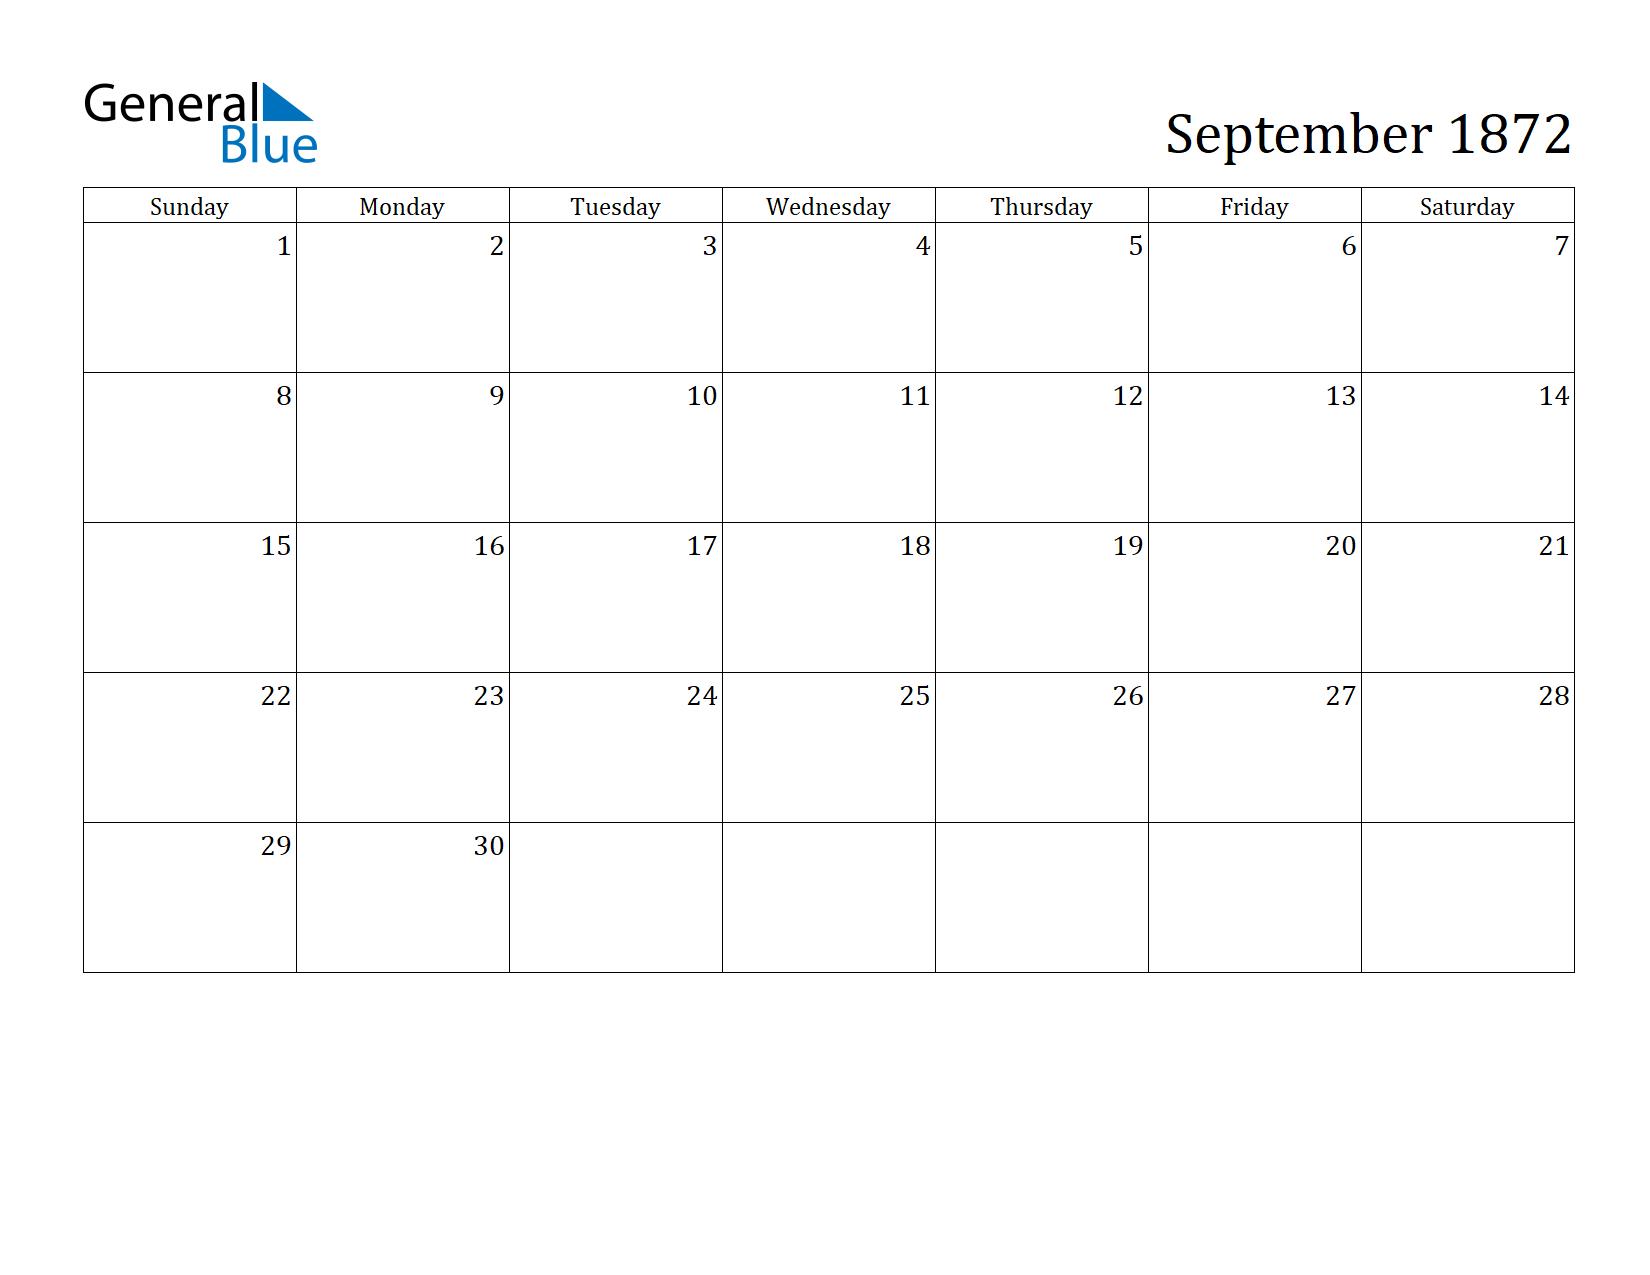 Image of September 1872 Calendar